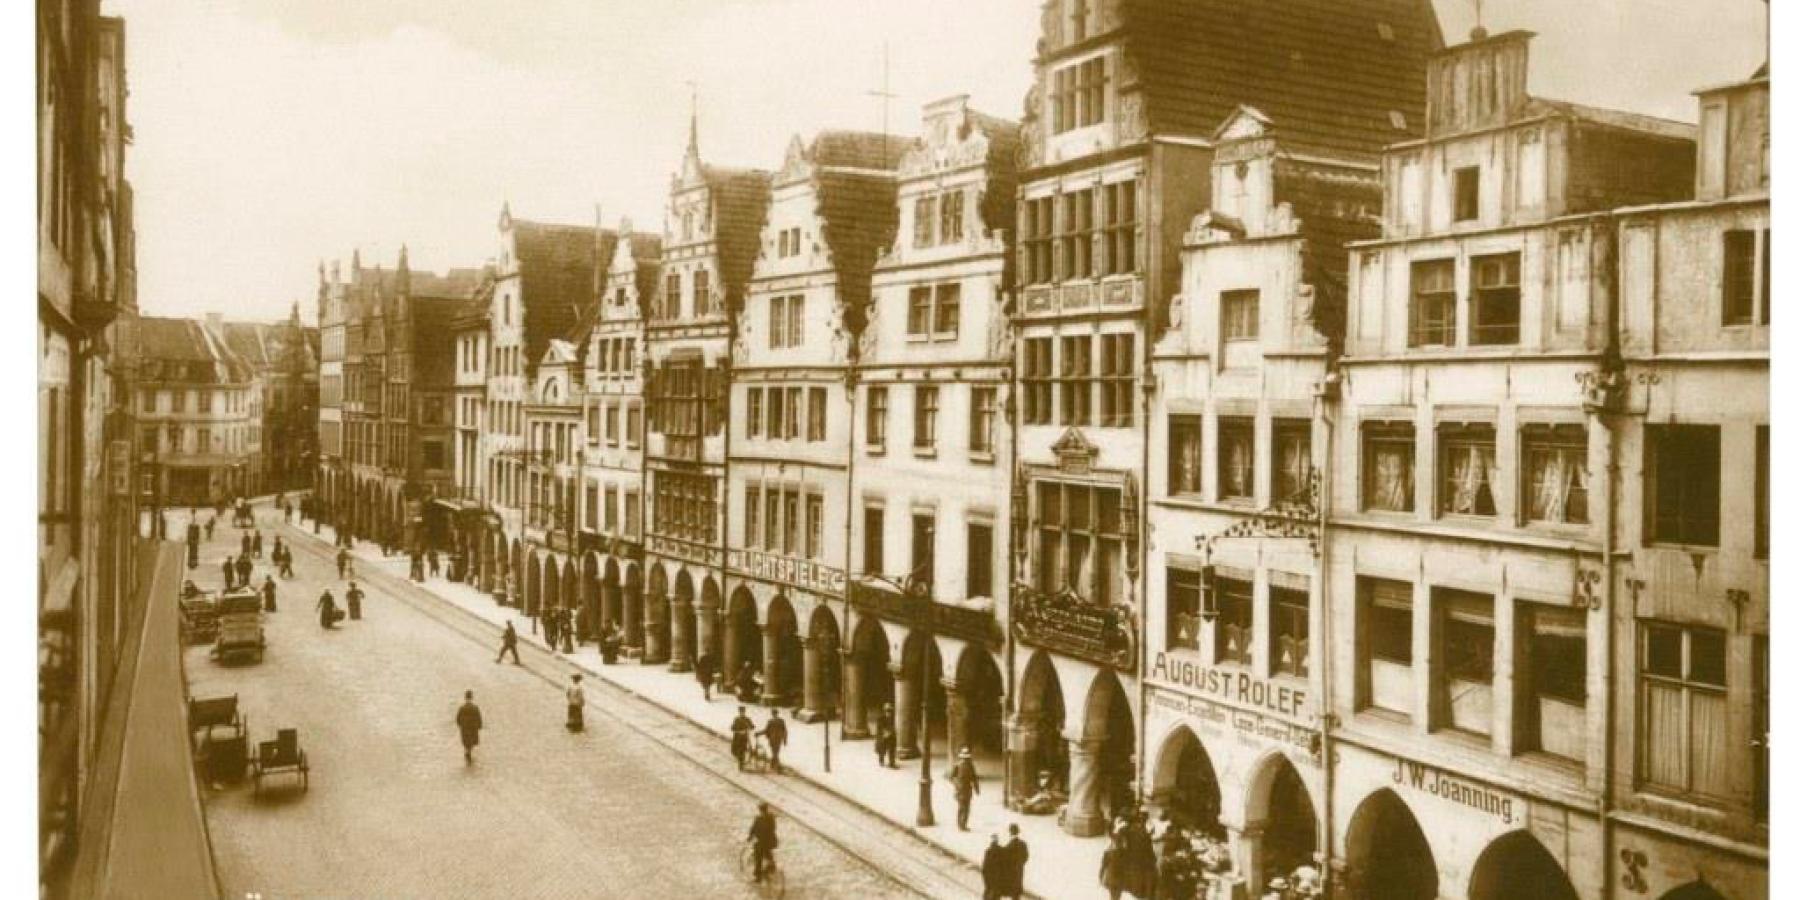 Postkarten zeigen ein unbekanntes Münster